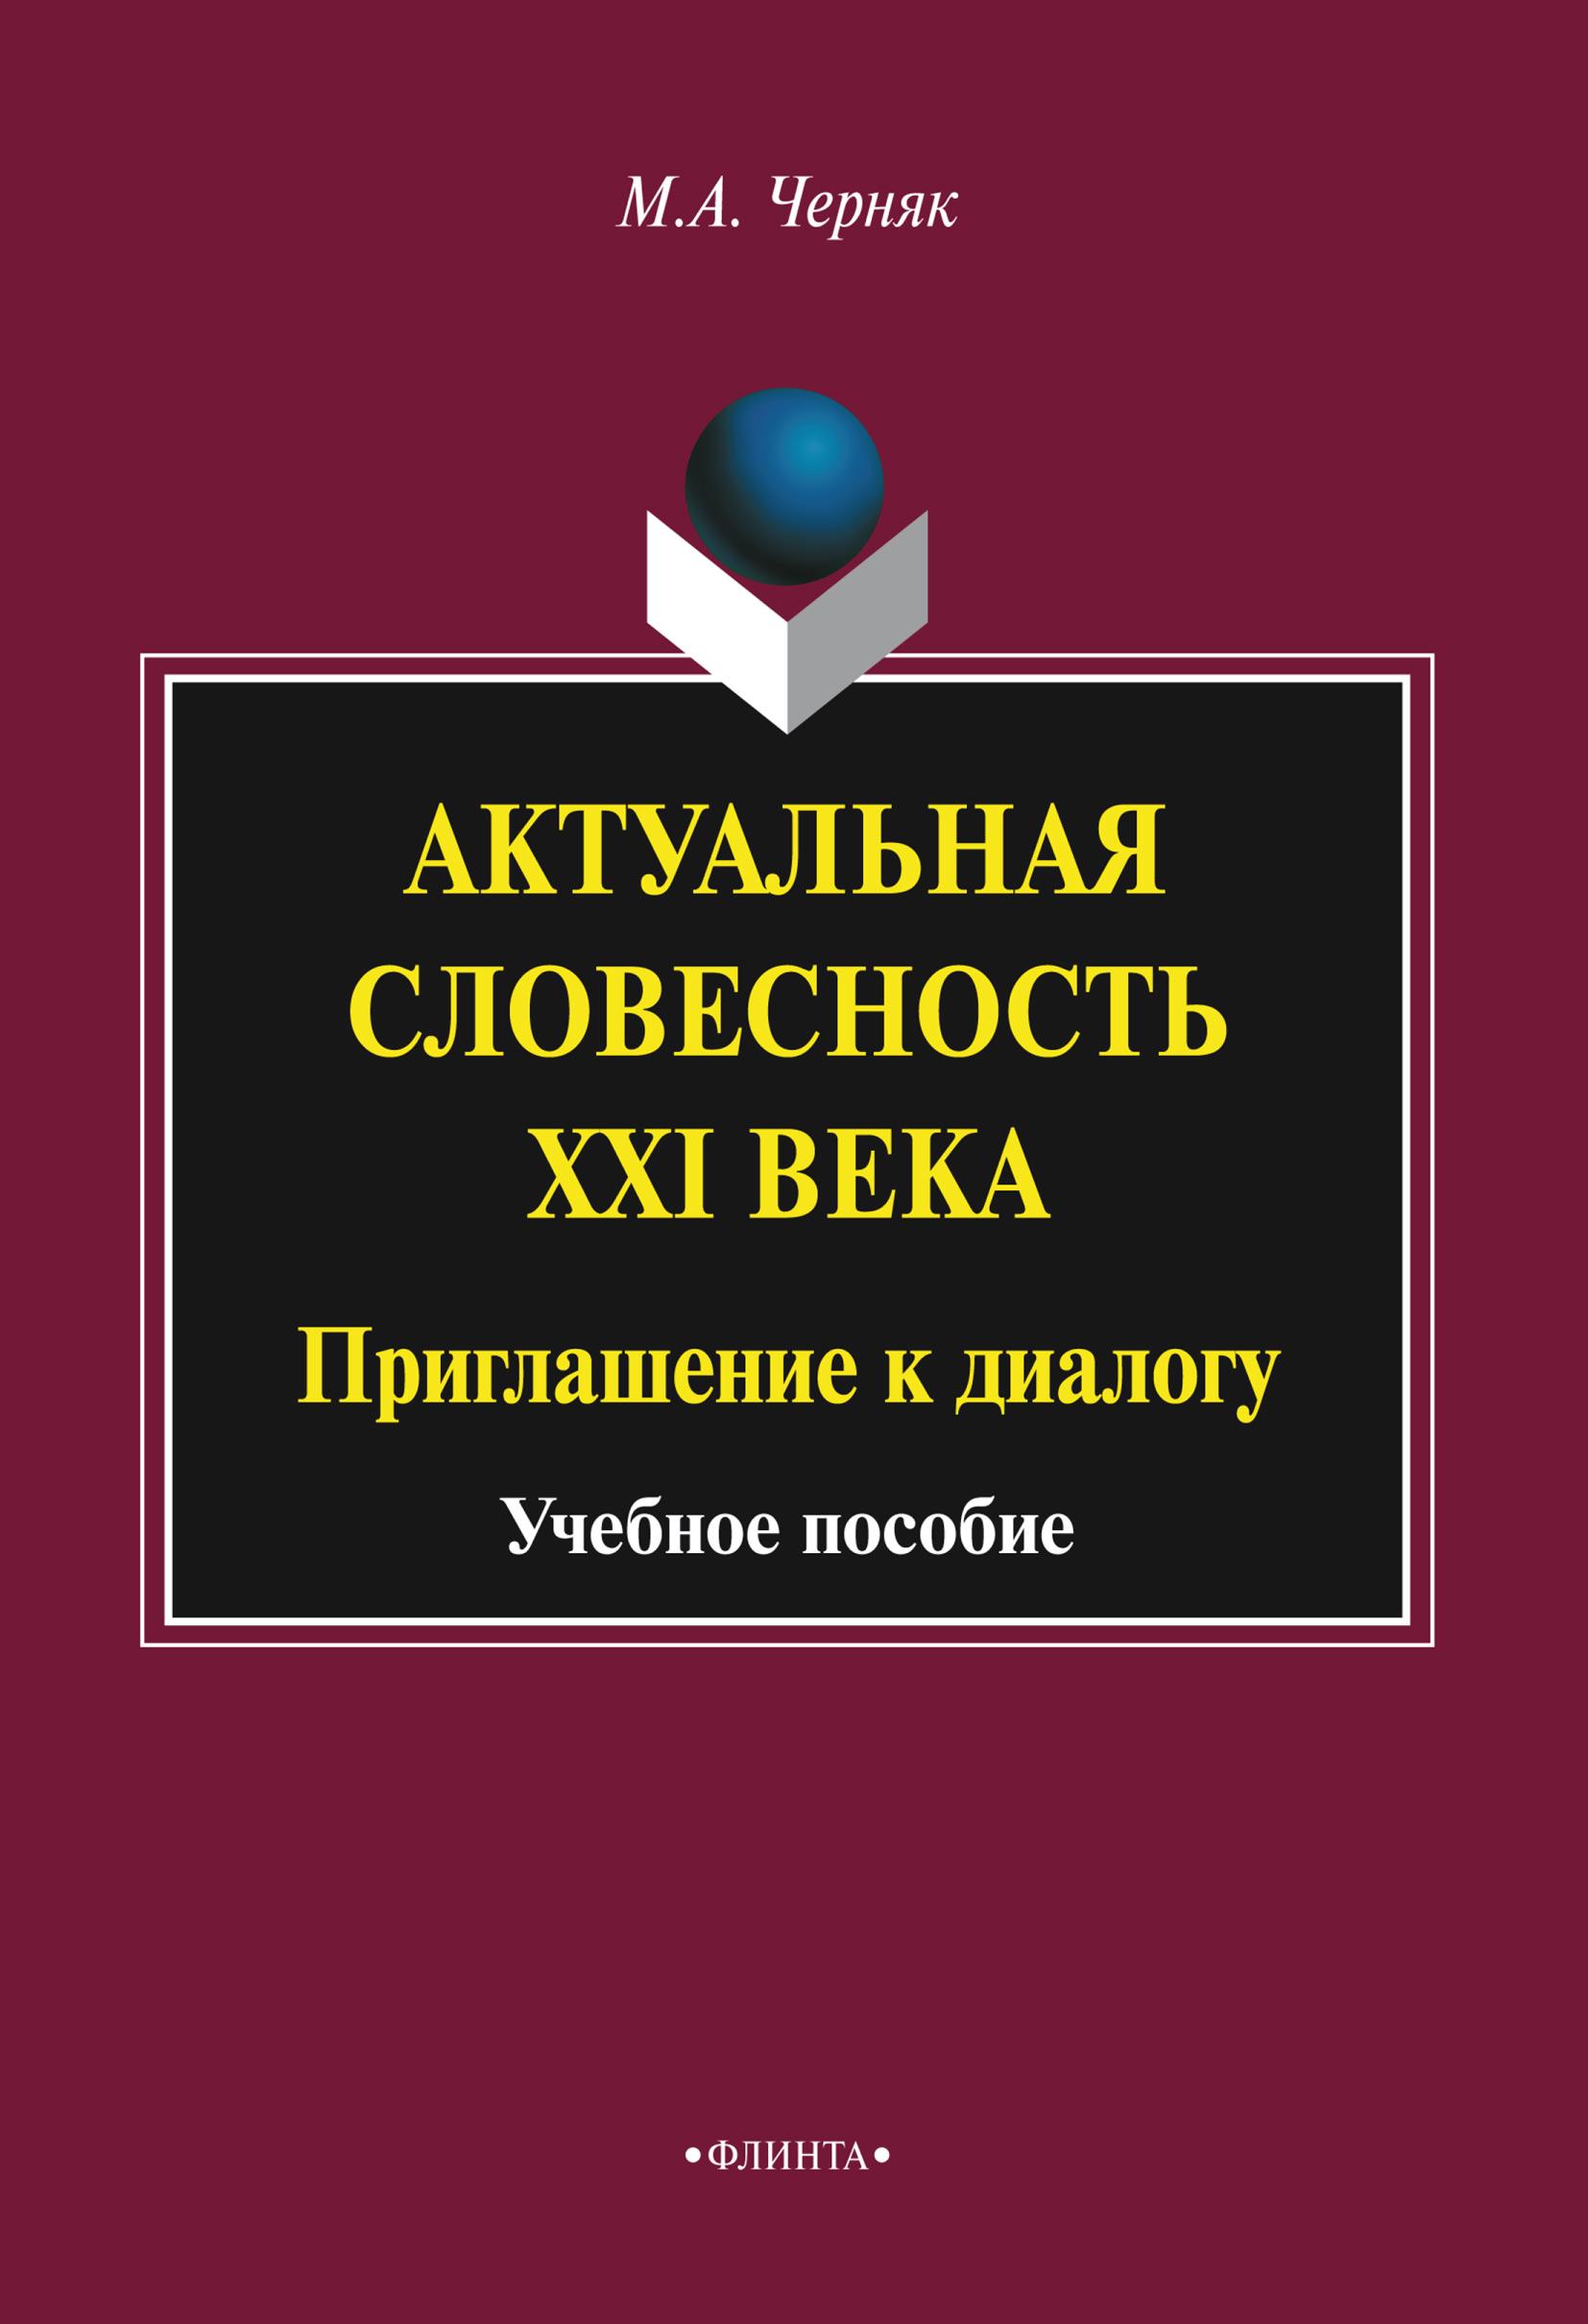 М. А. Черняк Актуальная словесность XXI века: приглашение к диалогу юдин а сост православие и католичество от конфронтации к диалогу хрест